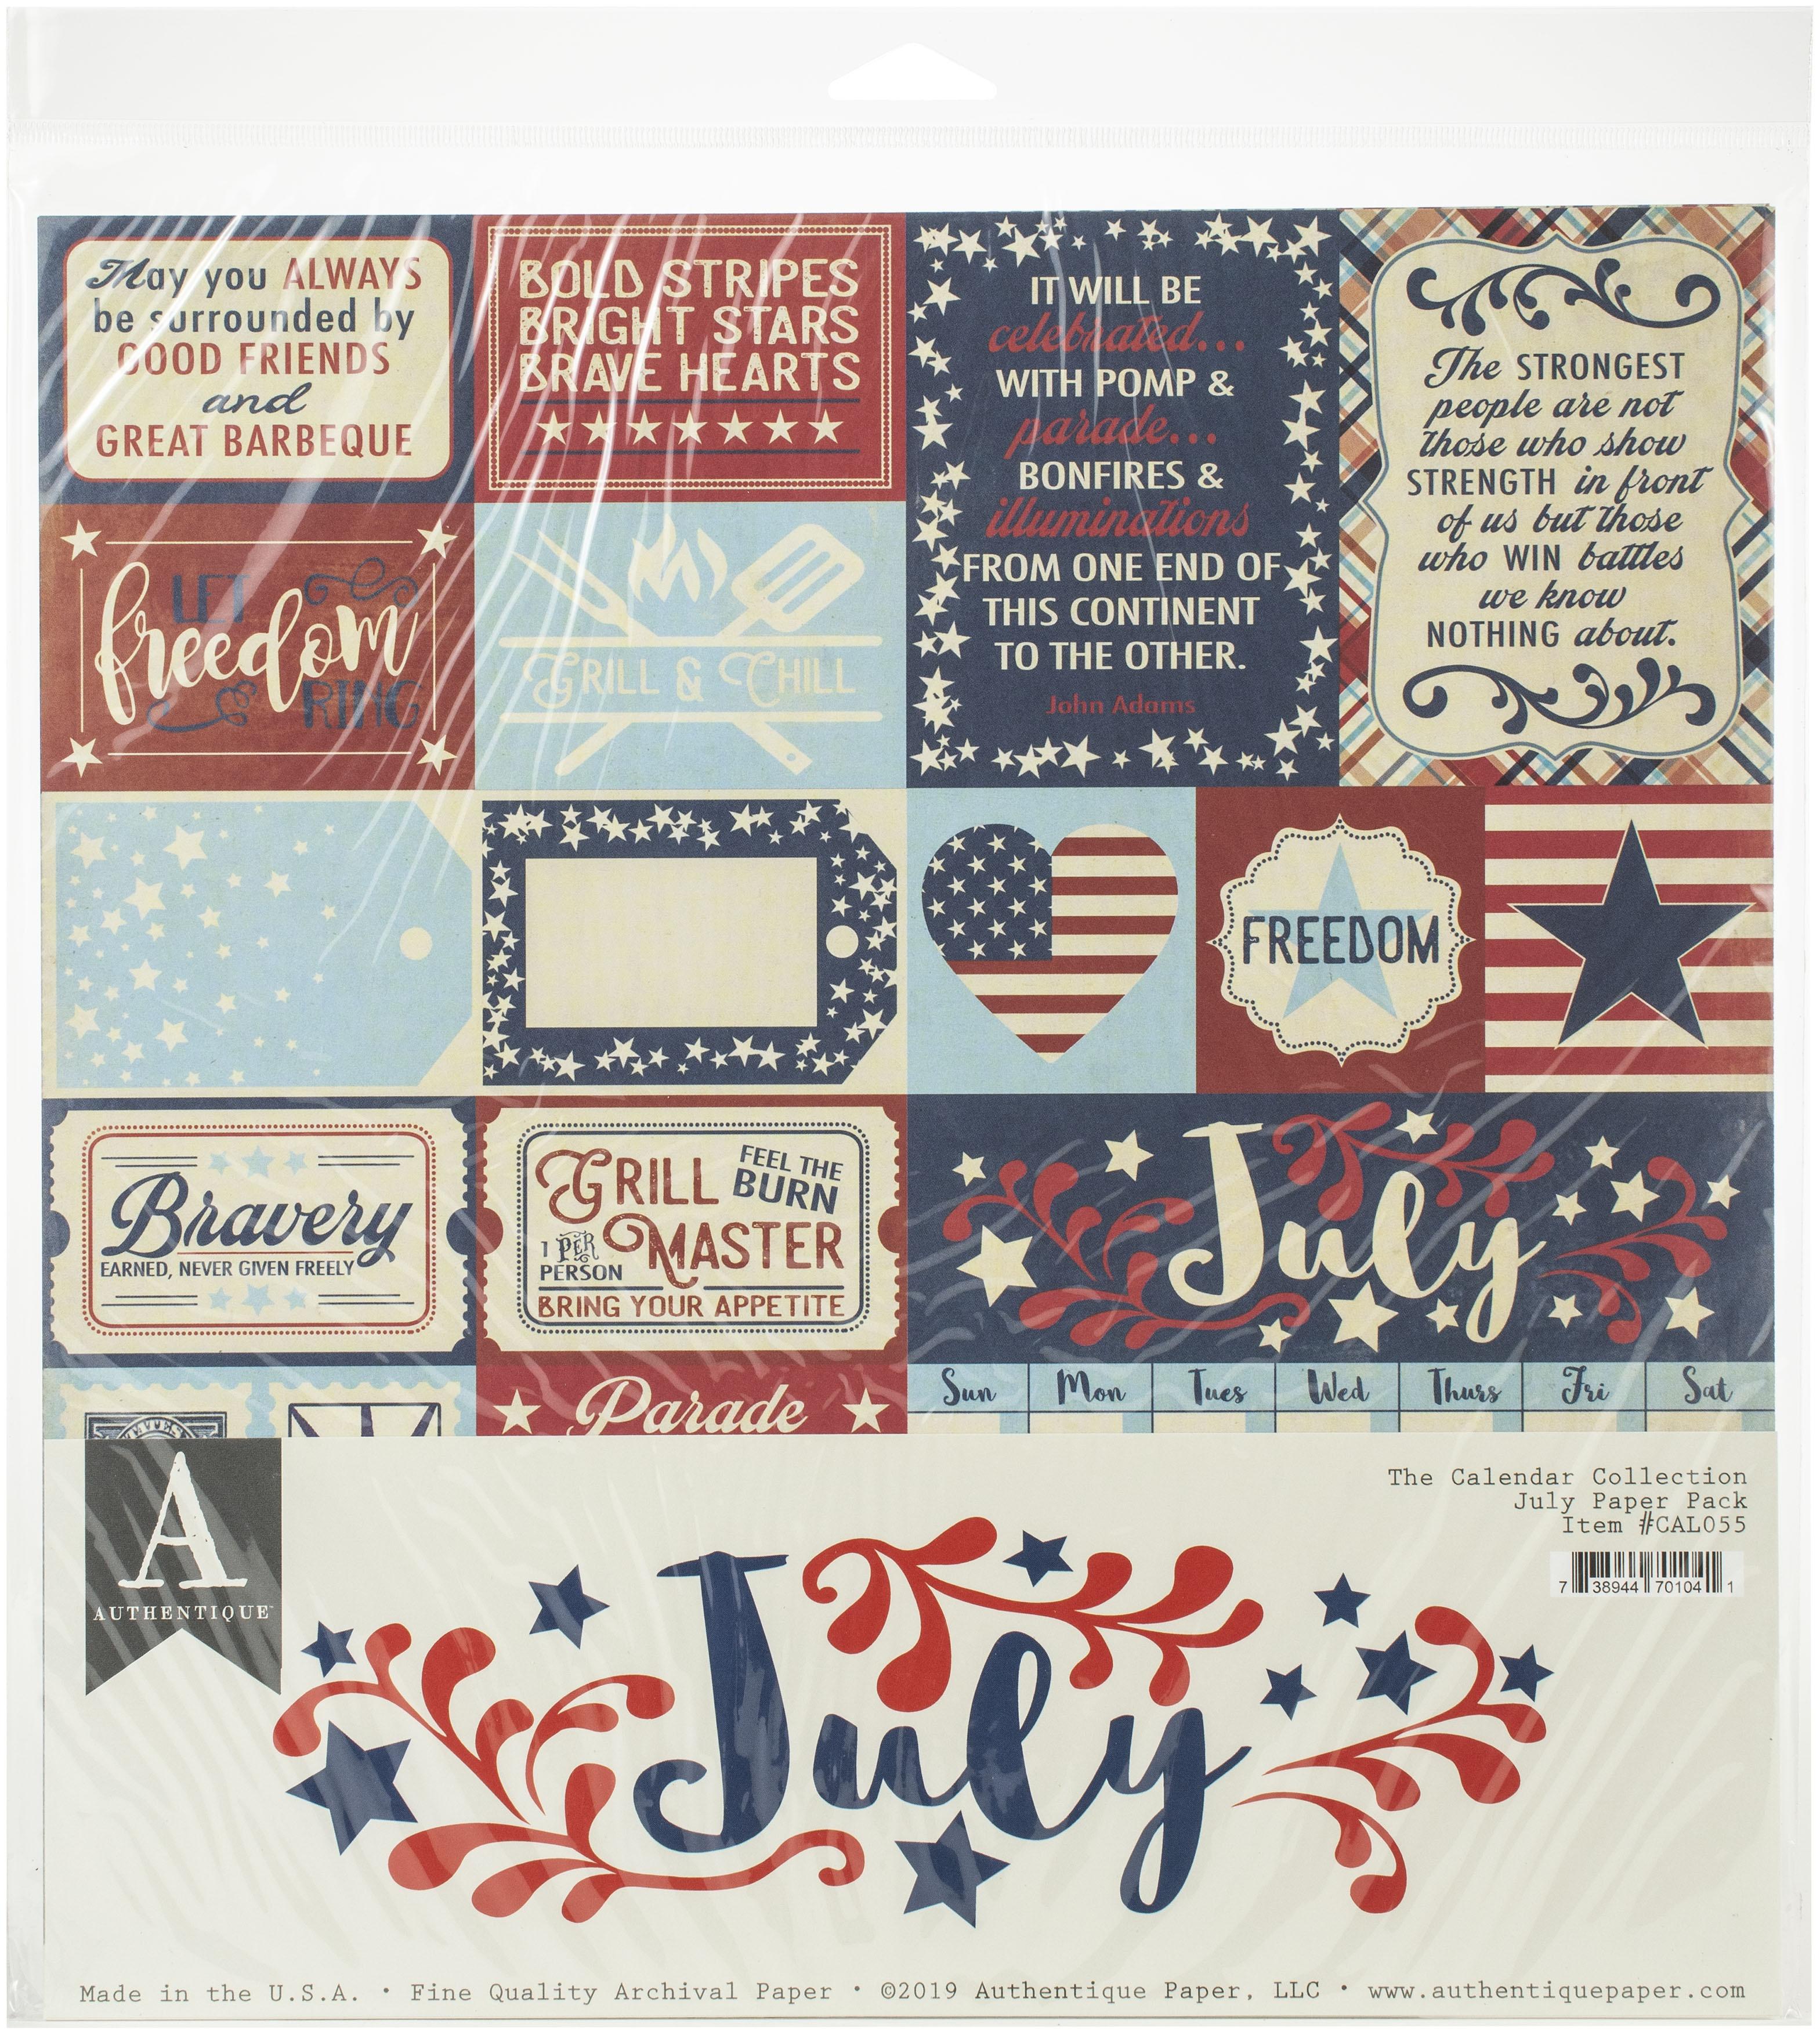 Authentique July Paper Pk